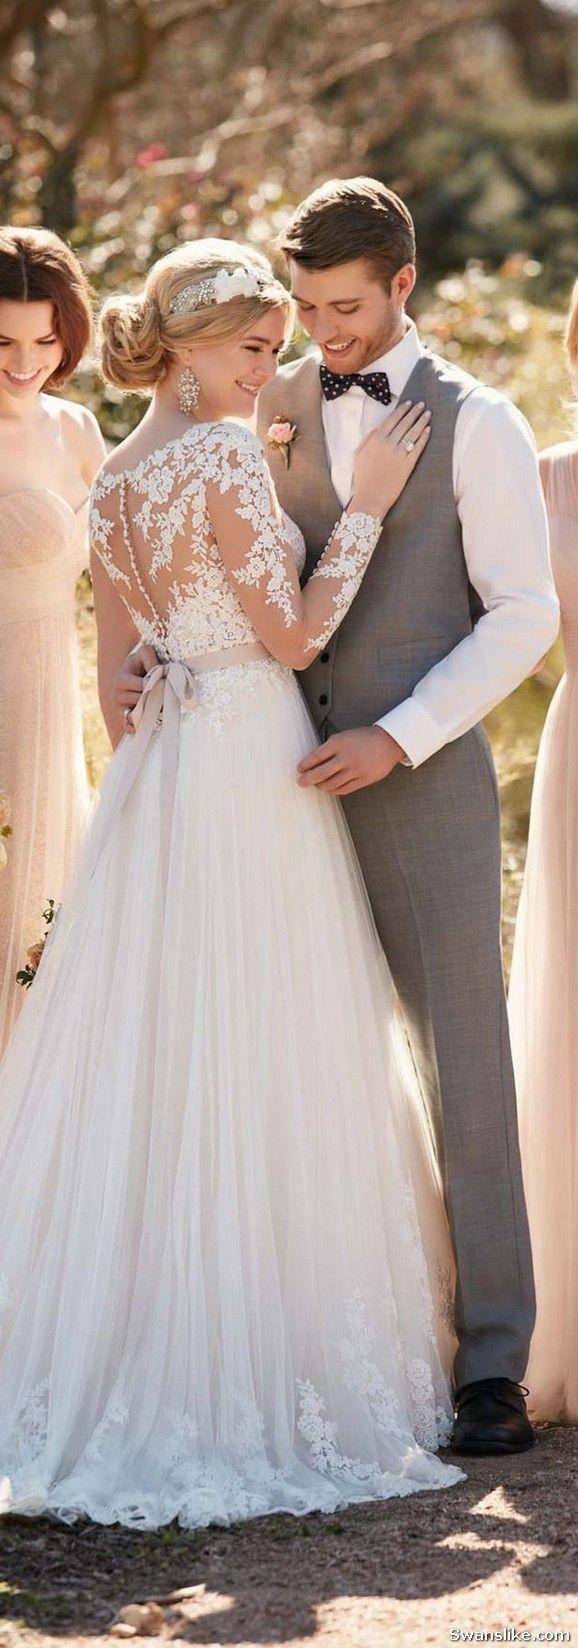 Wedding weddings weddingdress fashion wedding dresses cheap